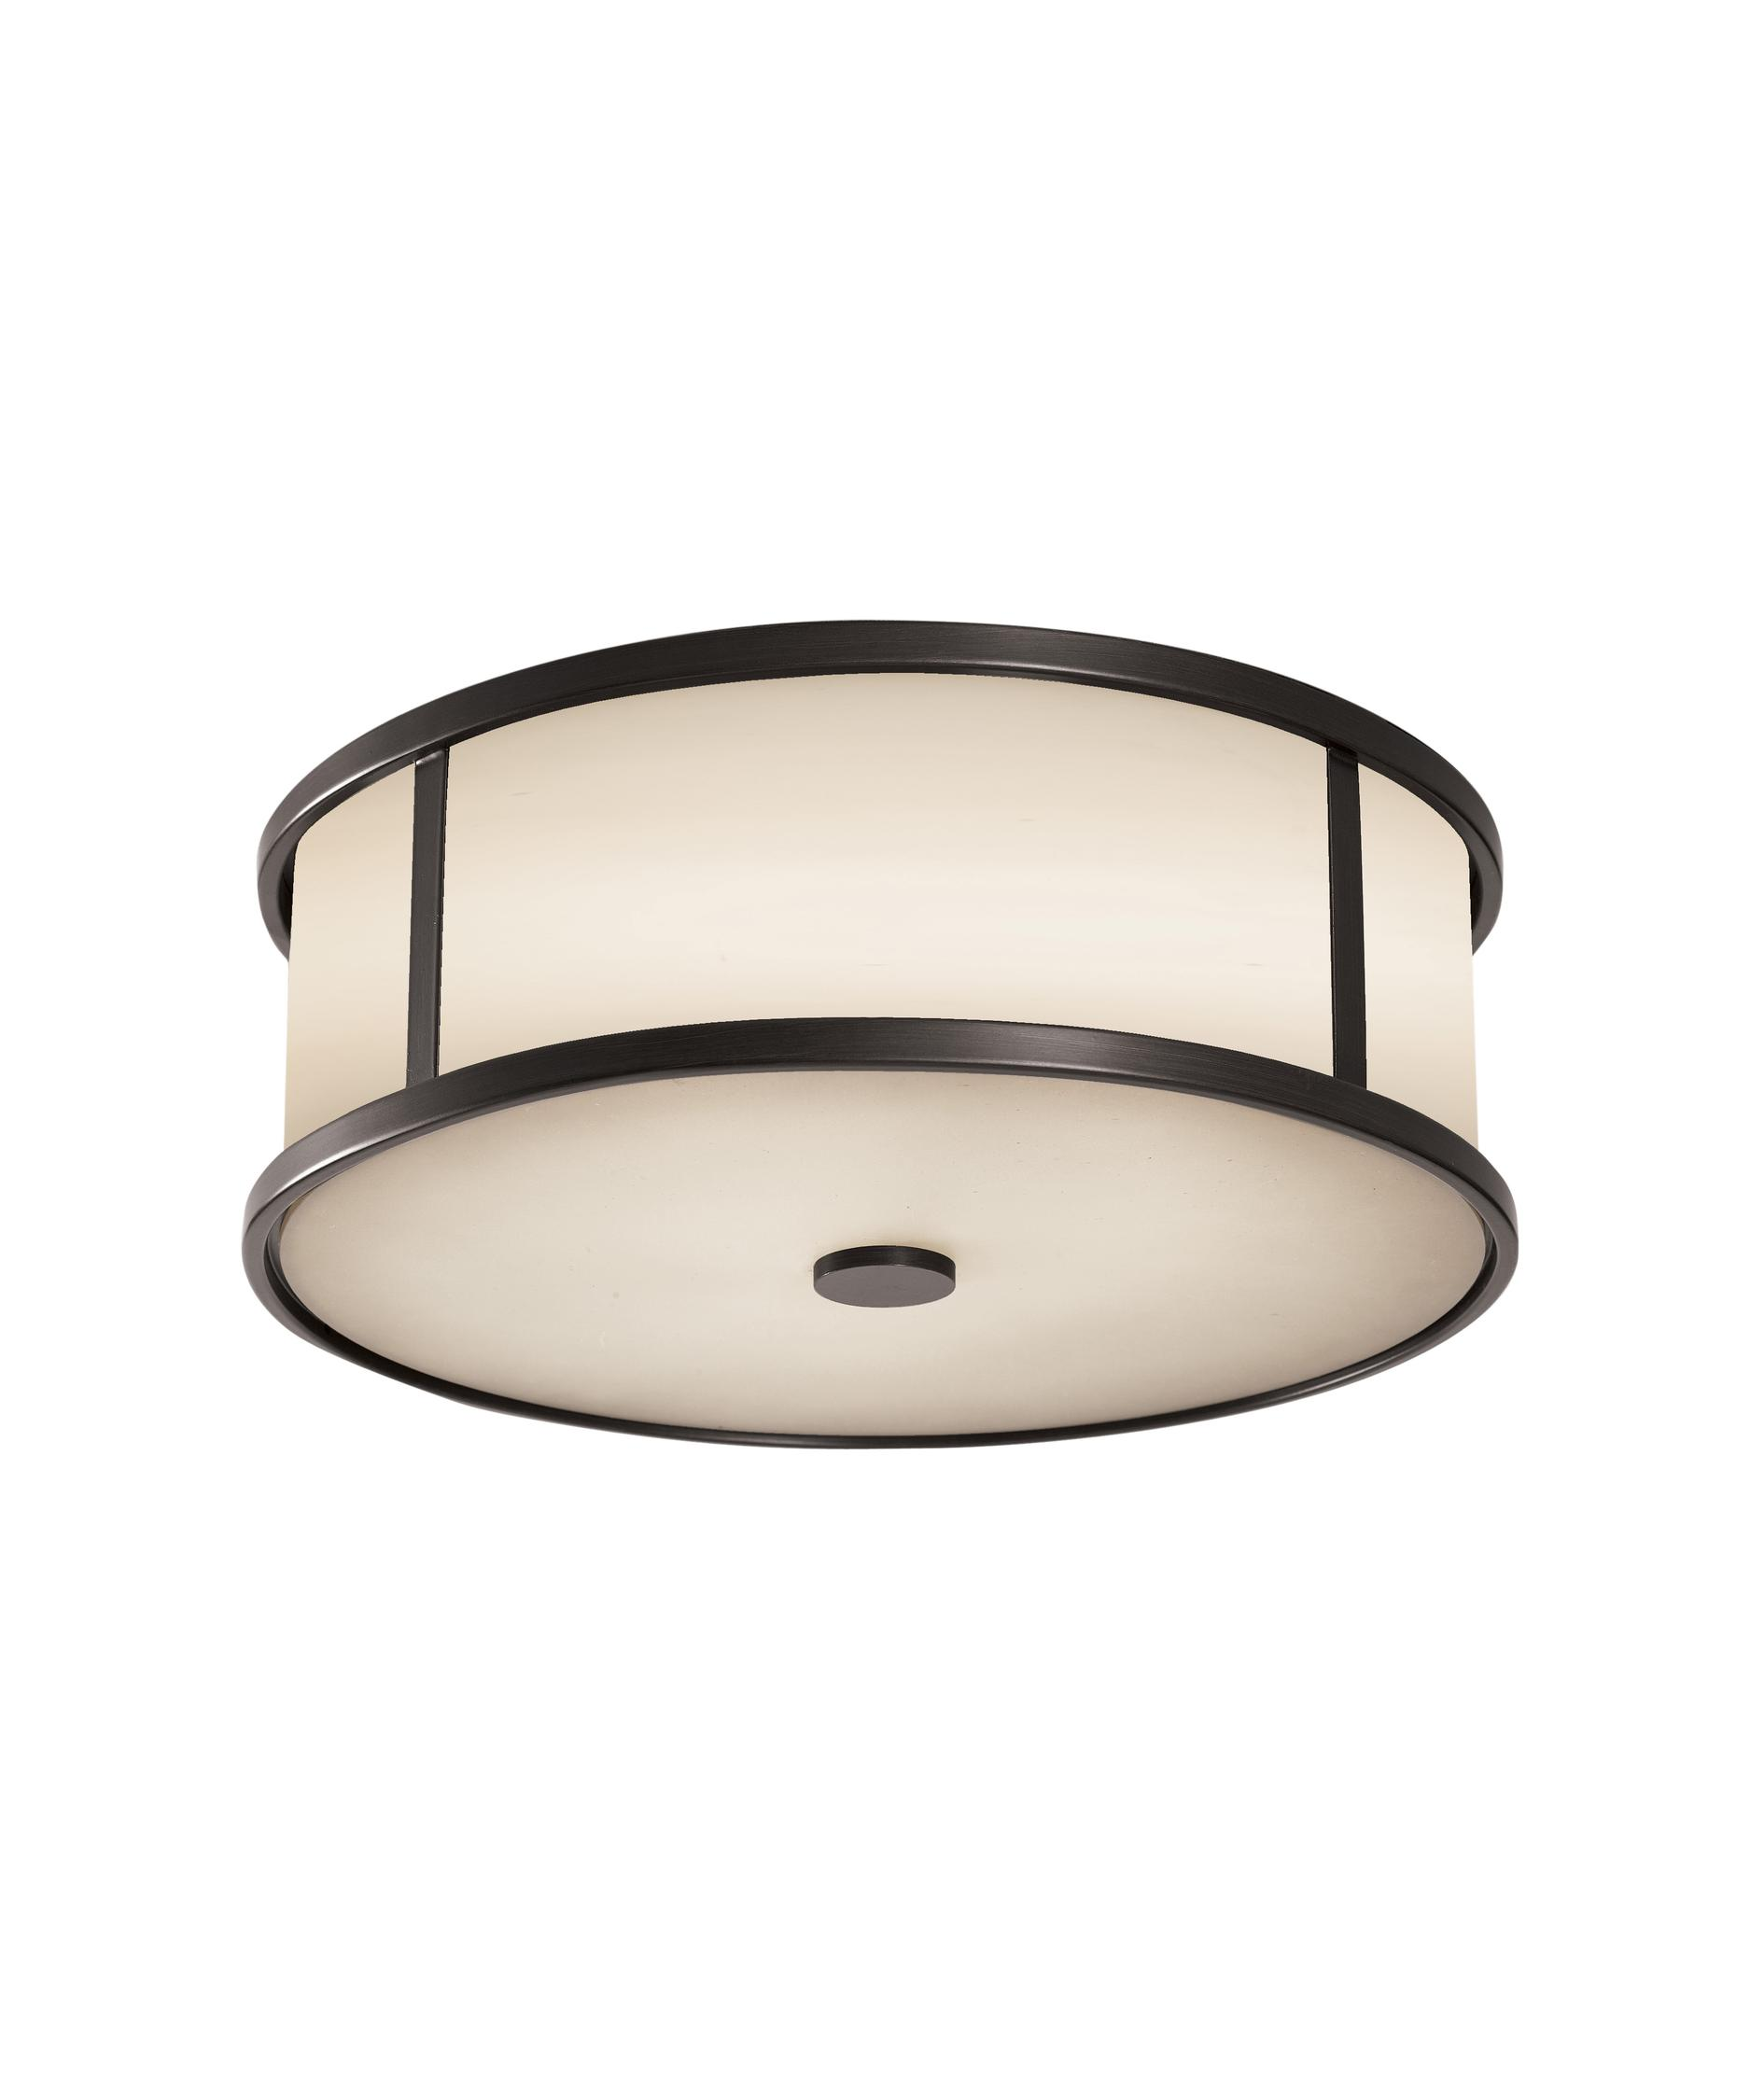 Flush mount outdoor lighting - Murray Feiss Ol7613 Dakota 14 Inch Wide 3 Light Outdoor Flush Mount Capitol Lighting 1 800lighting Com